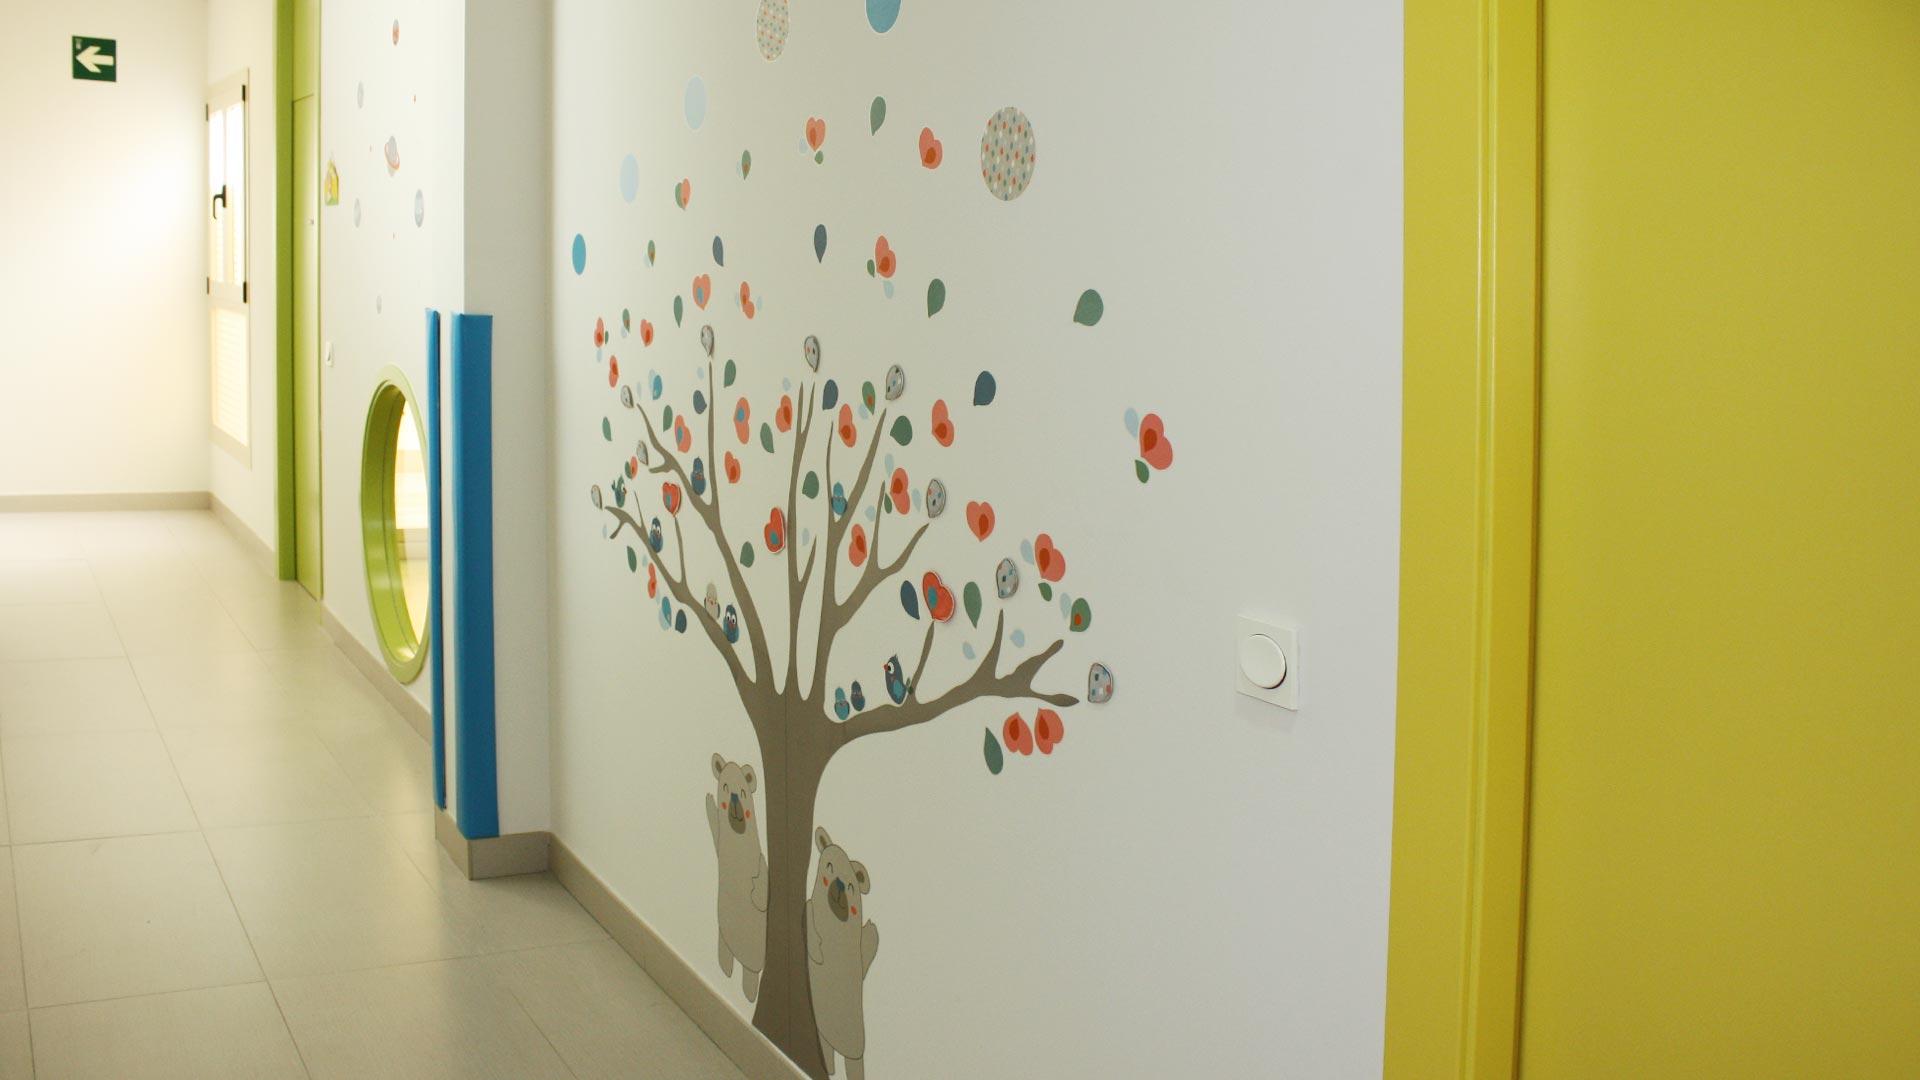 Zonas comunes - Imagen de galería del Centro de Educación Infantil Gibralfaro